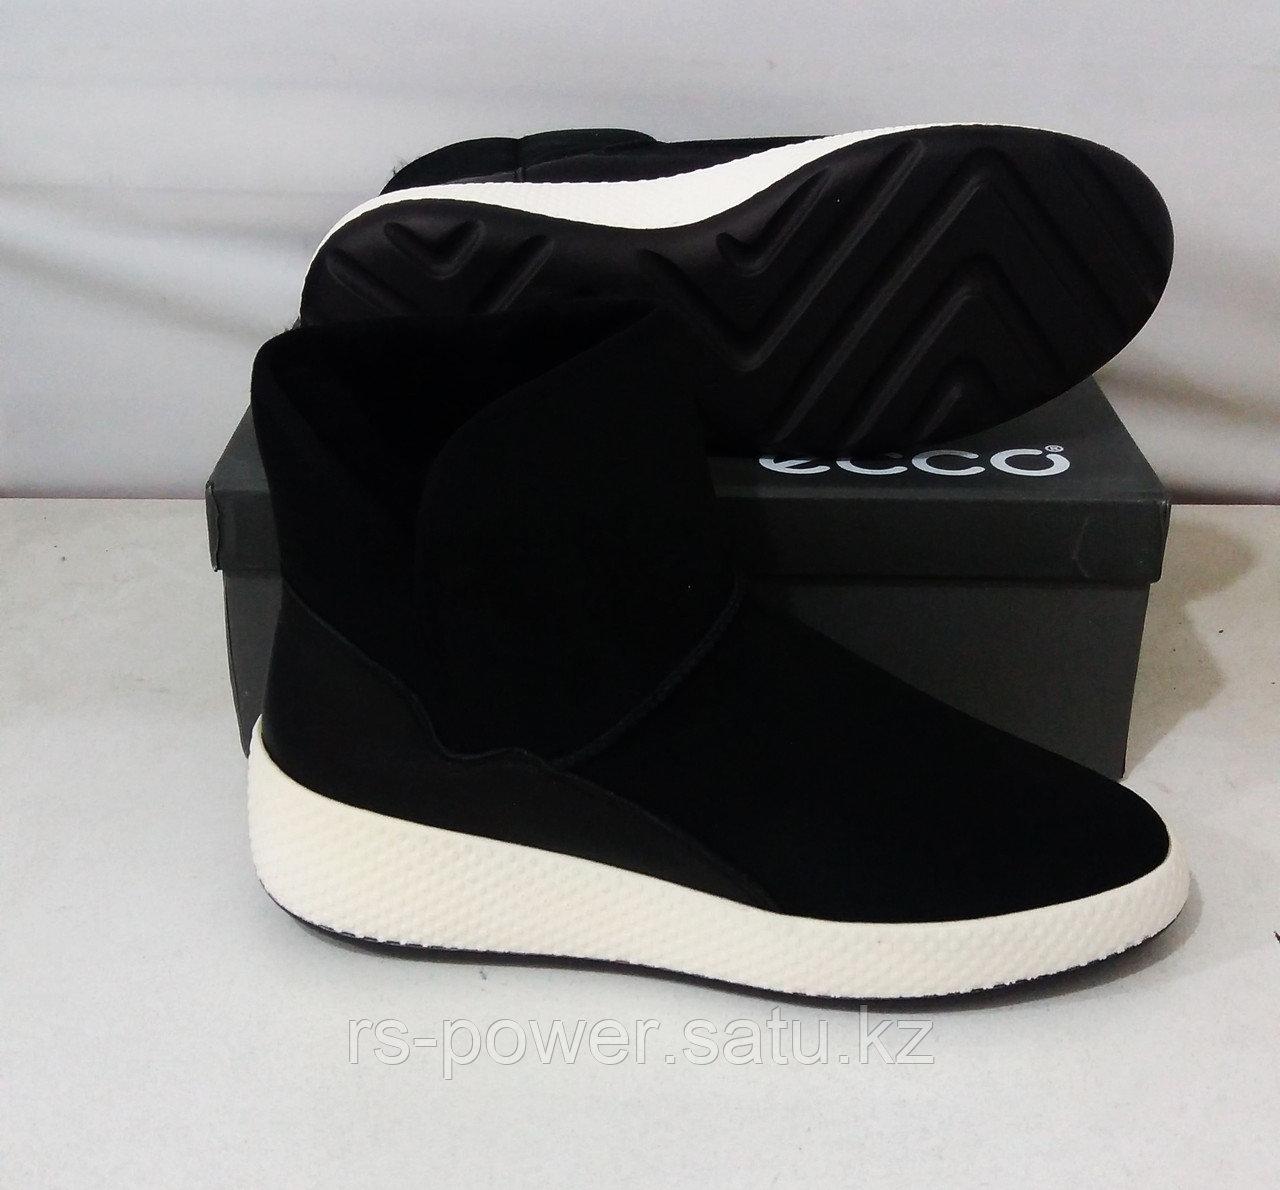 Зимние кроссовки Ecco